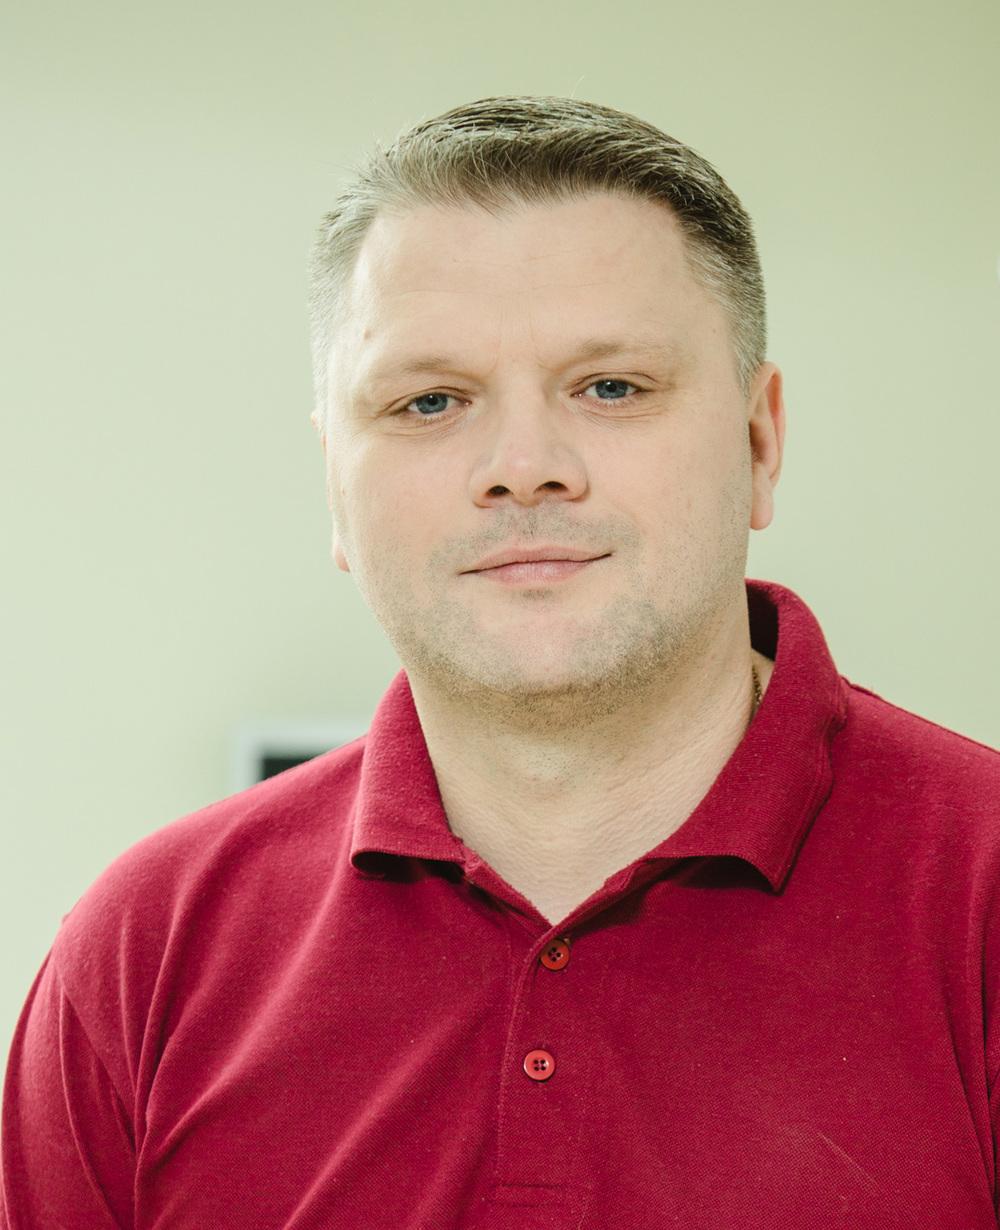 Олег Войтович - лікар-остеопат